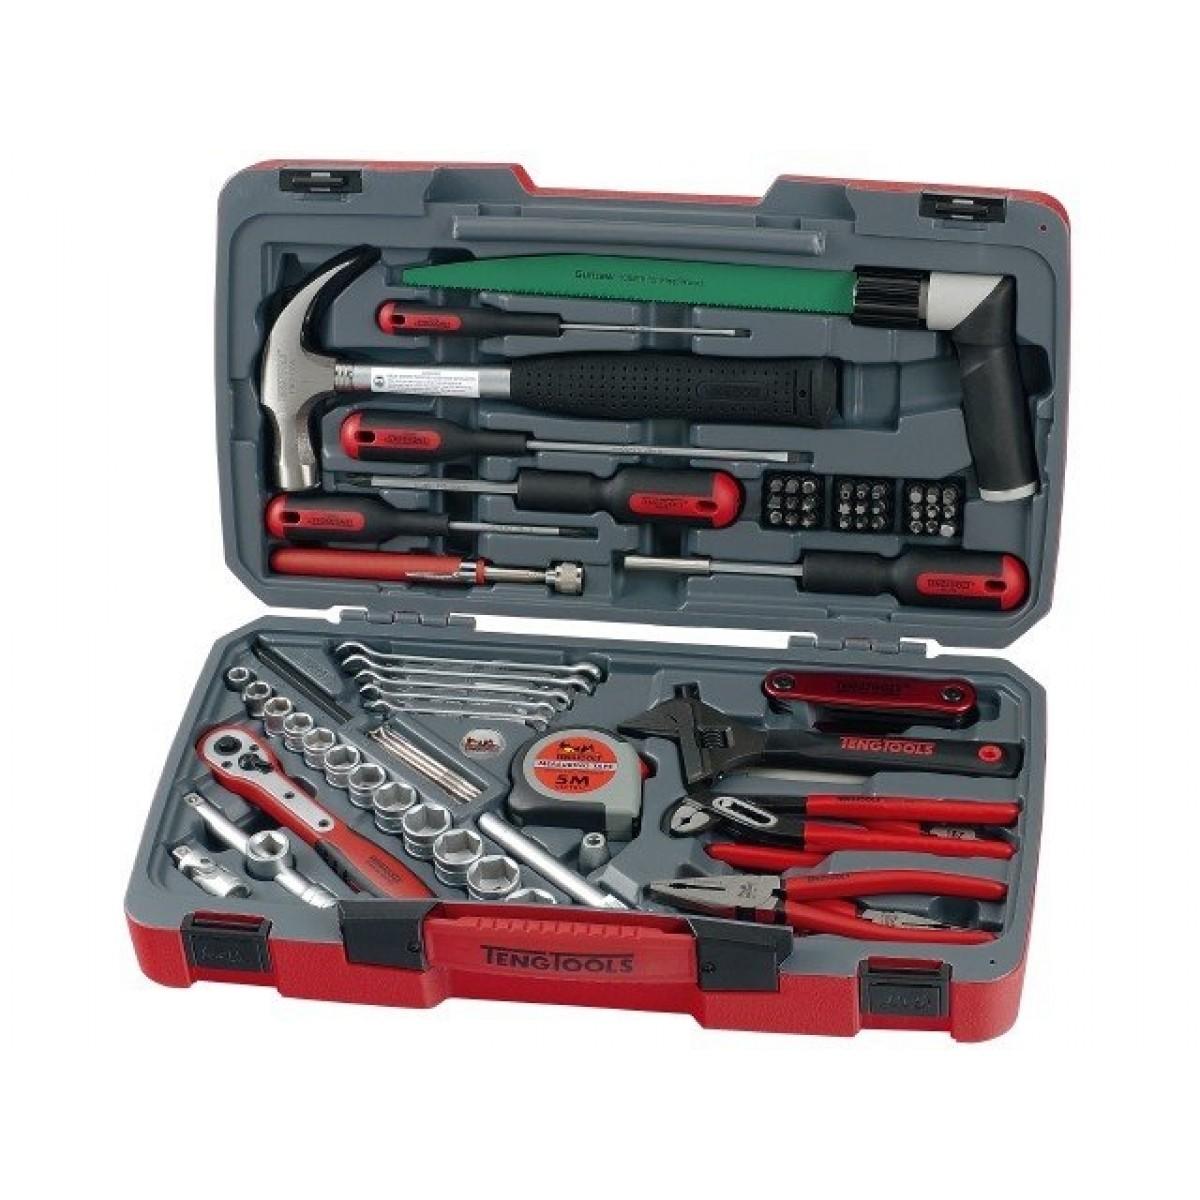 Teng Tools Værktøjssæt 79 dele-31